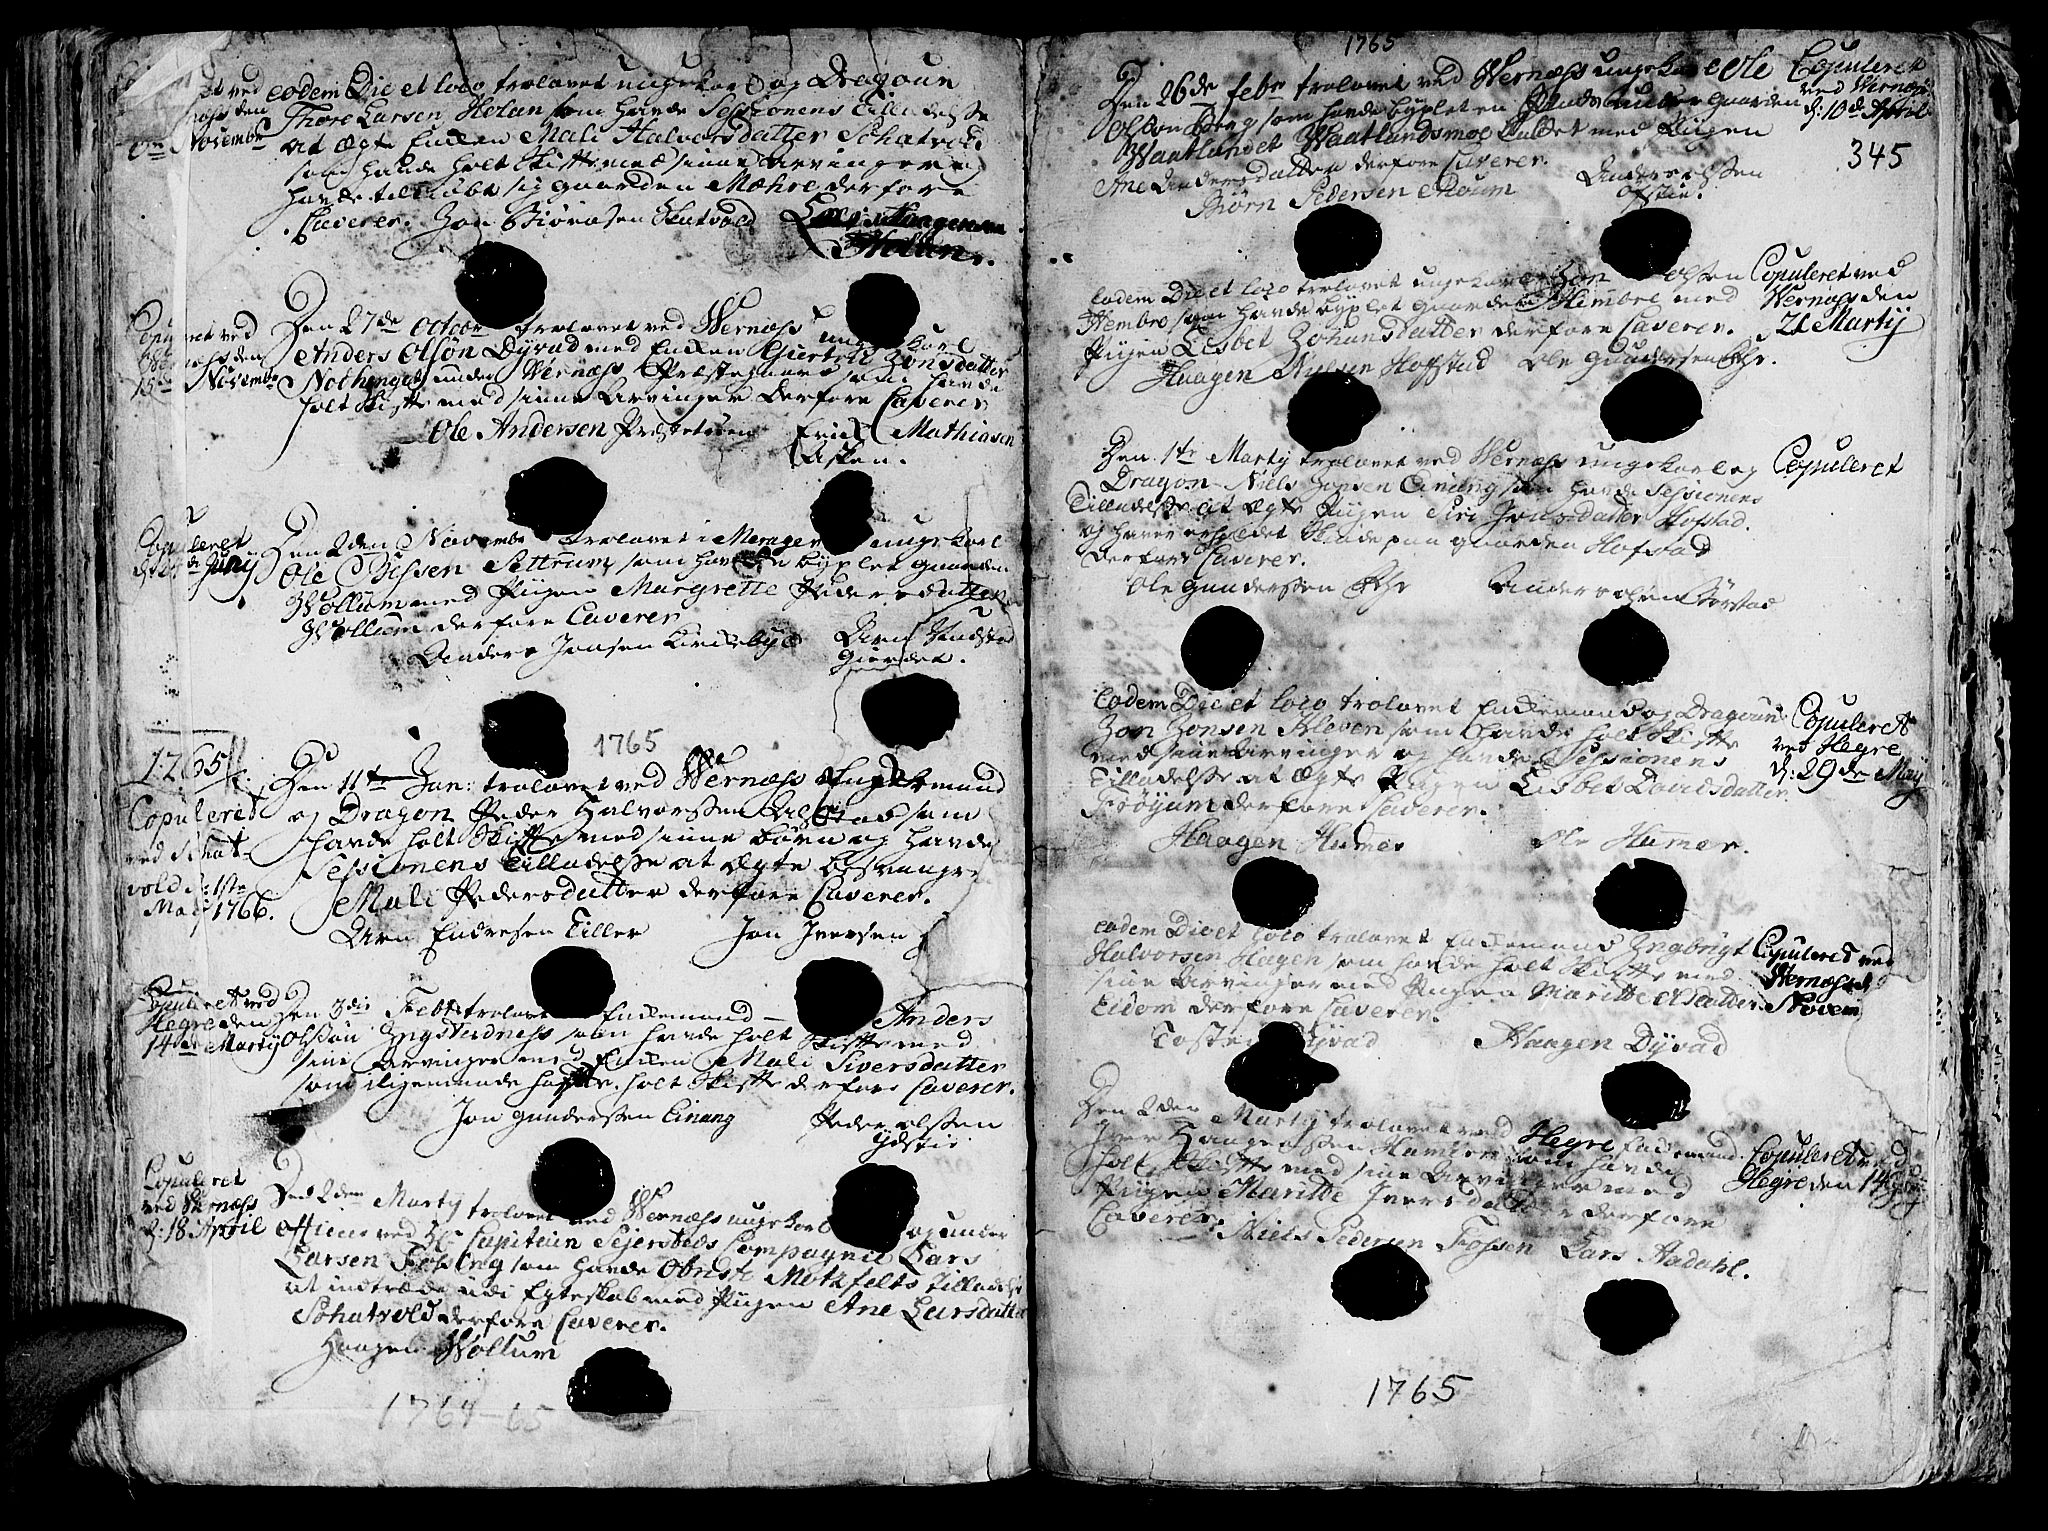 SAT, Ministerialprotokoller, klokkerbøker og fødselsregistre - Nord-Trøndelag, 709/L0057: Ministerialbok nr. 709A05, 1755-1780, s. 345